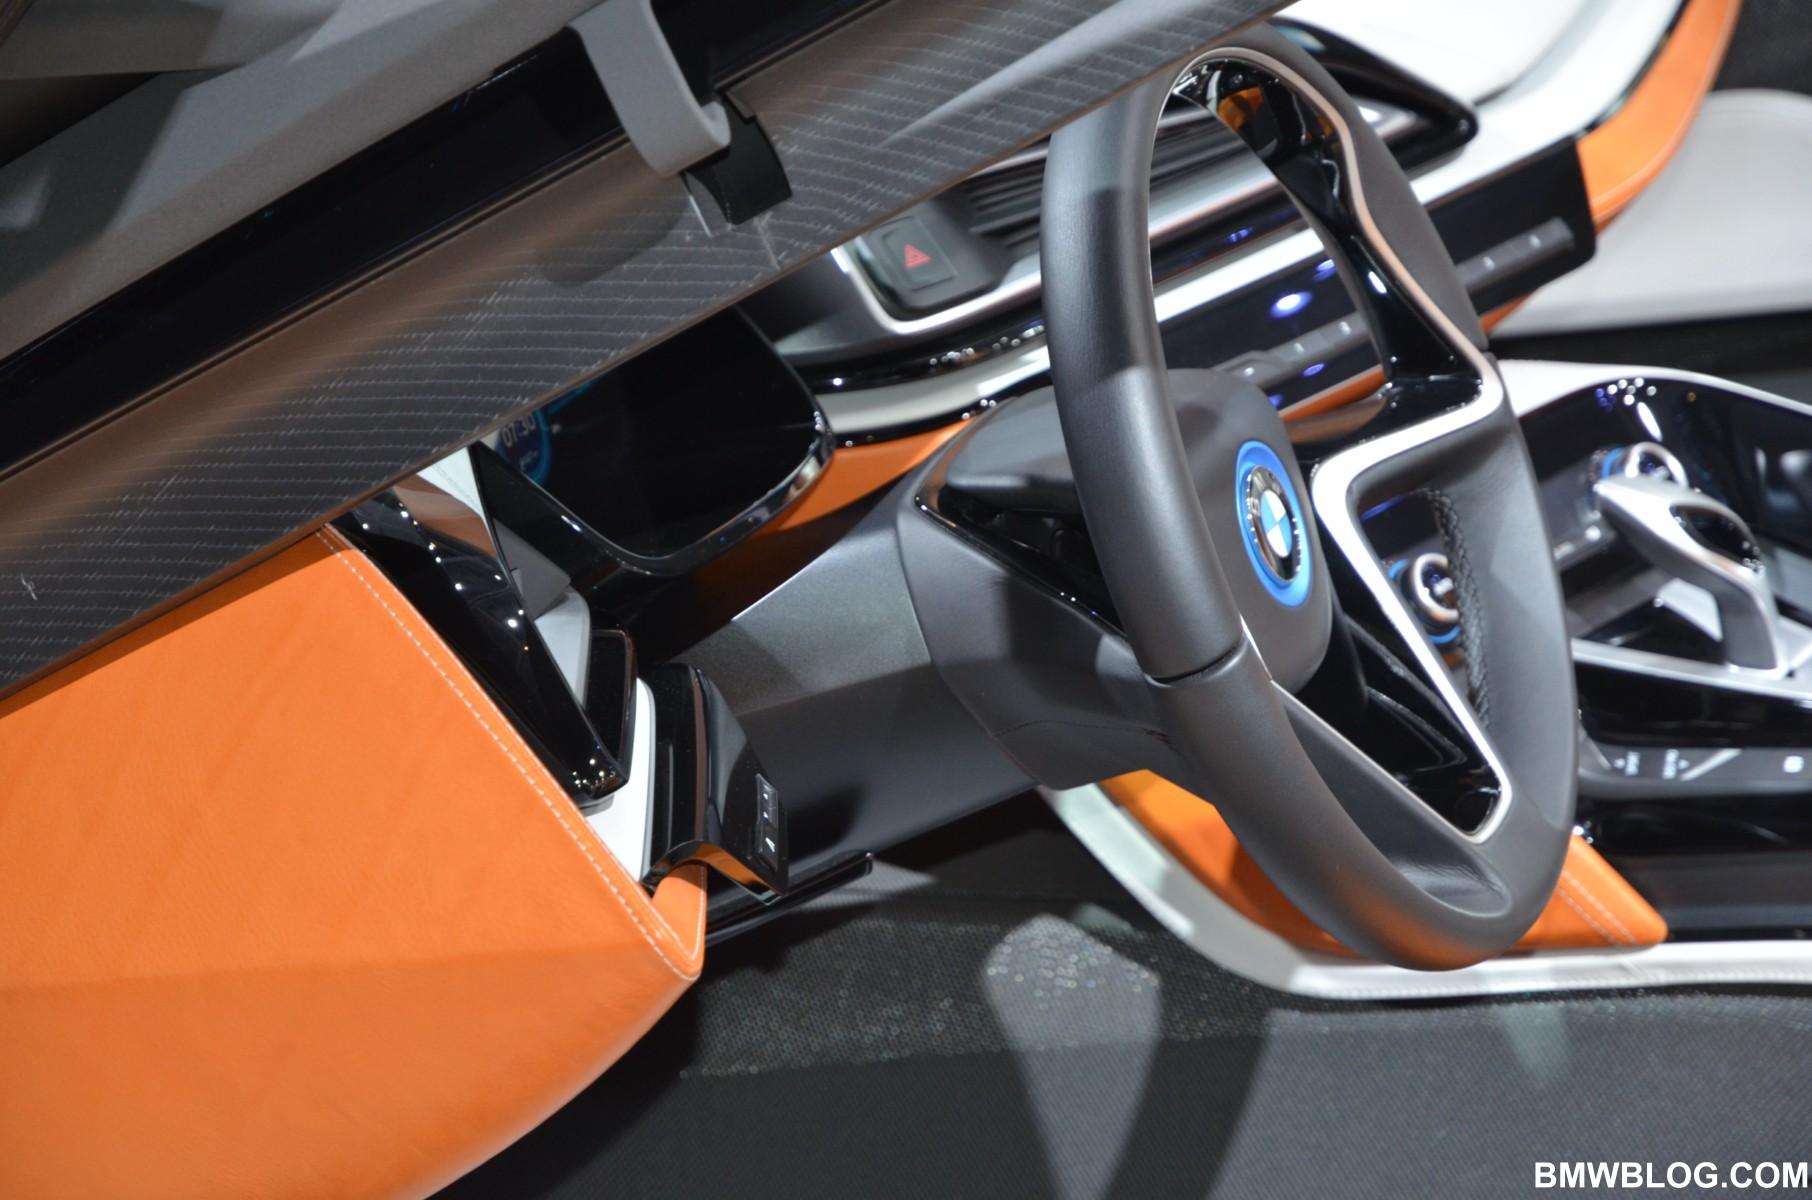 2012 Paris Motor Show Bmw I8 Spyder Concept